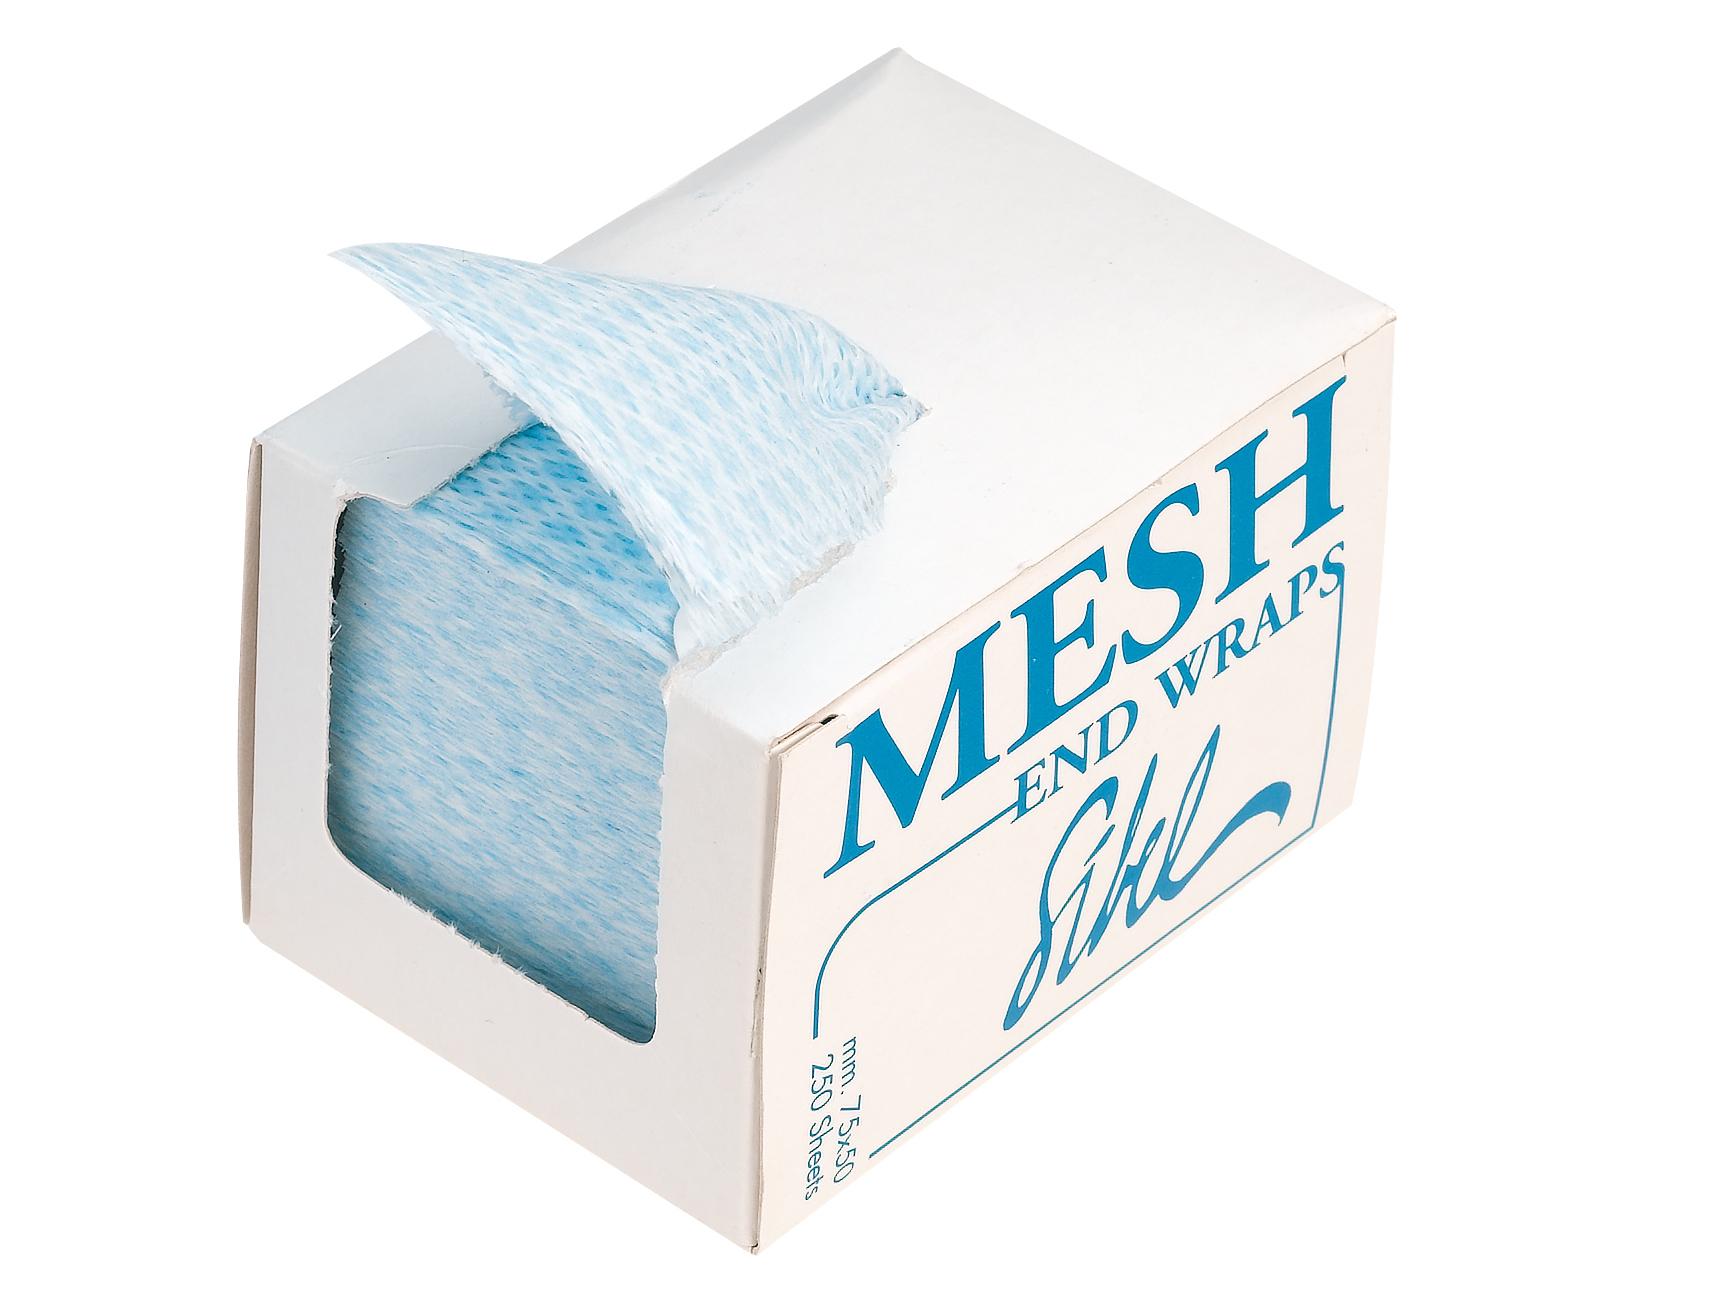 Papírky na trvalou ondulaci Sibel Mesh, 75 x 50 mm - 250 ks (4330231)